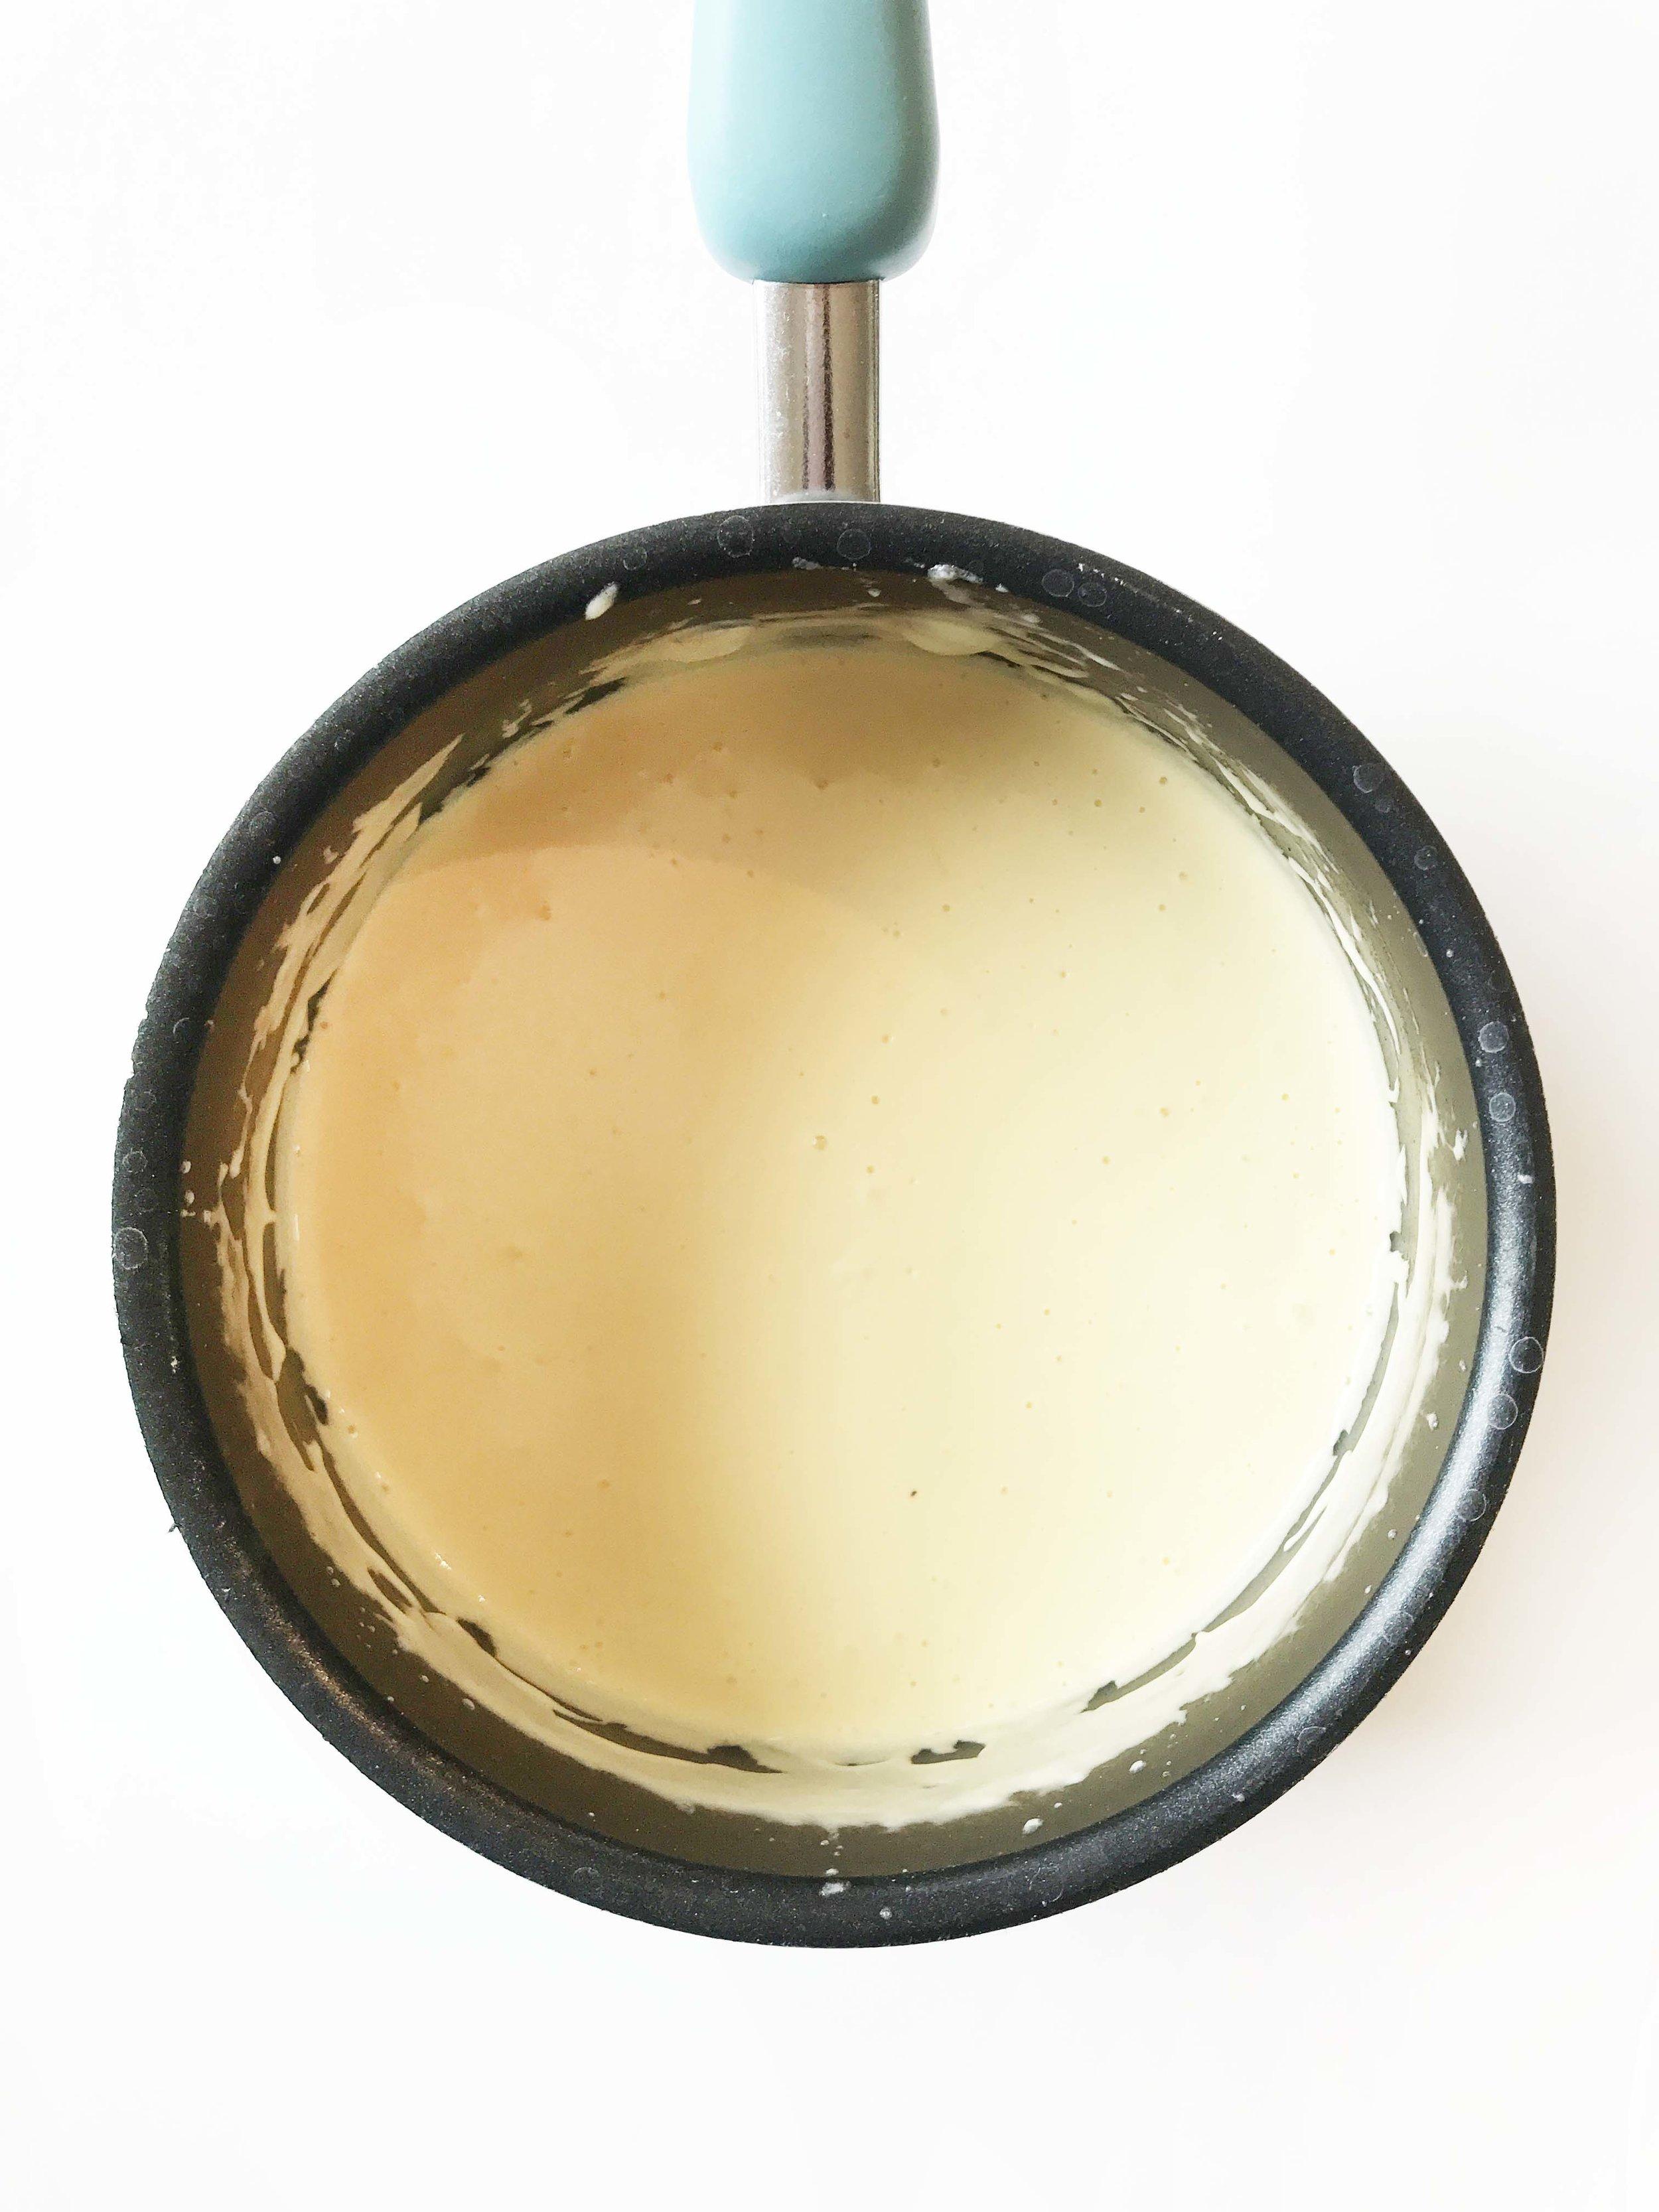 chilis-queso5.jpg